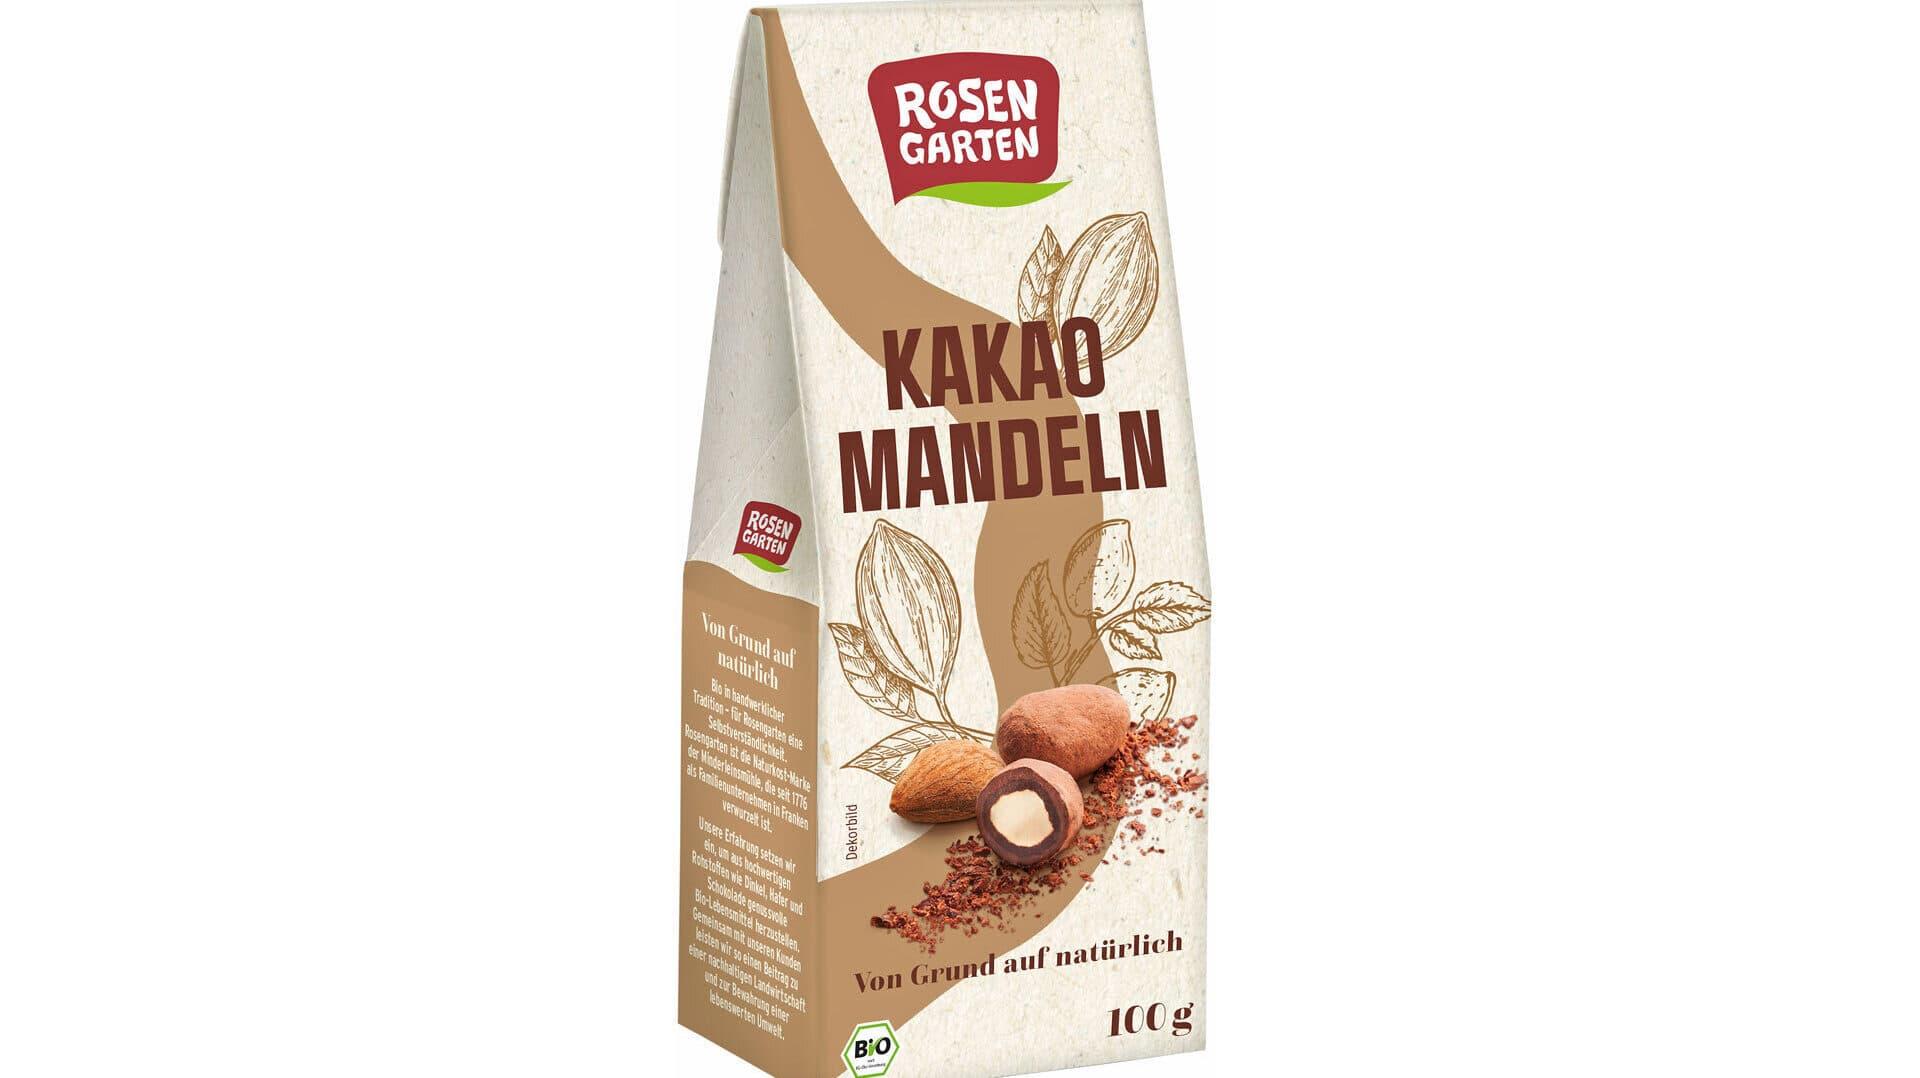 Kakao Mandeln von Rosengarten